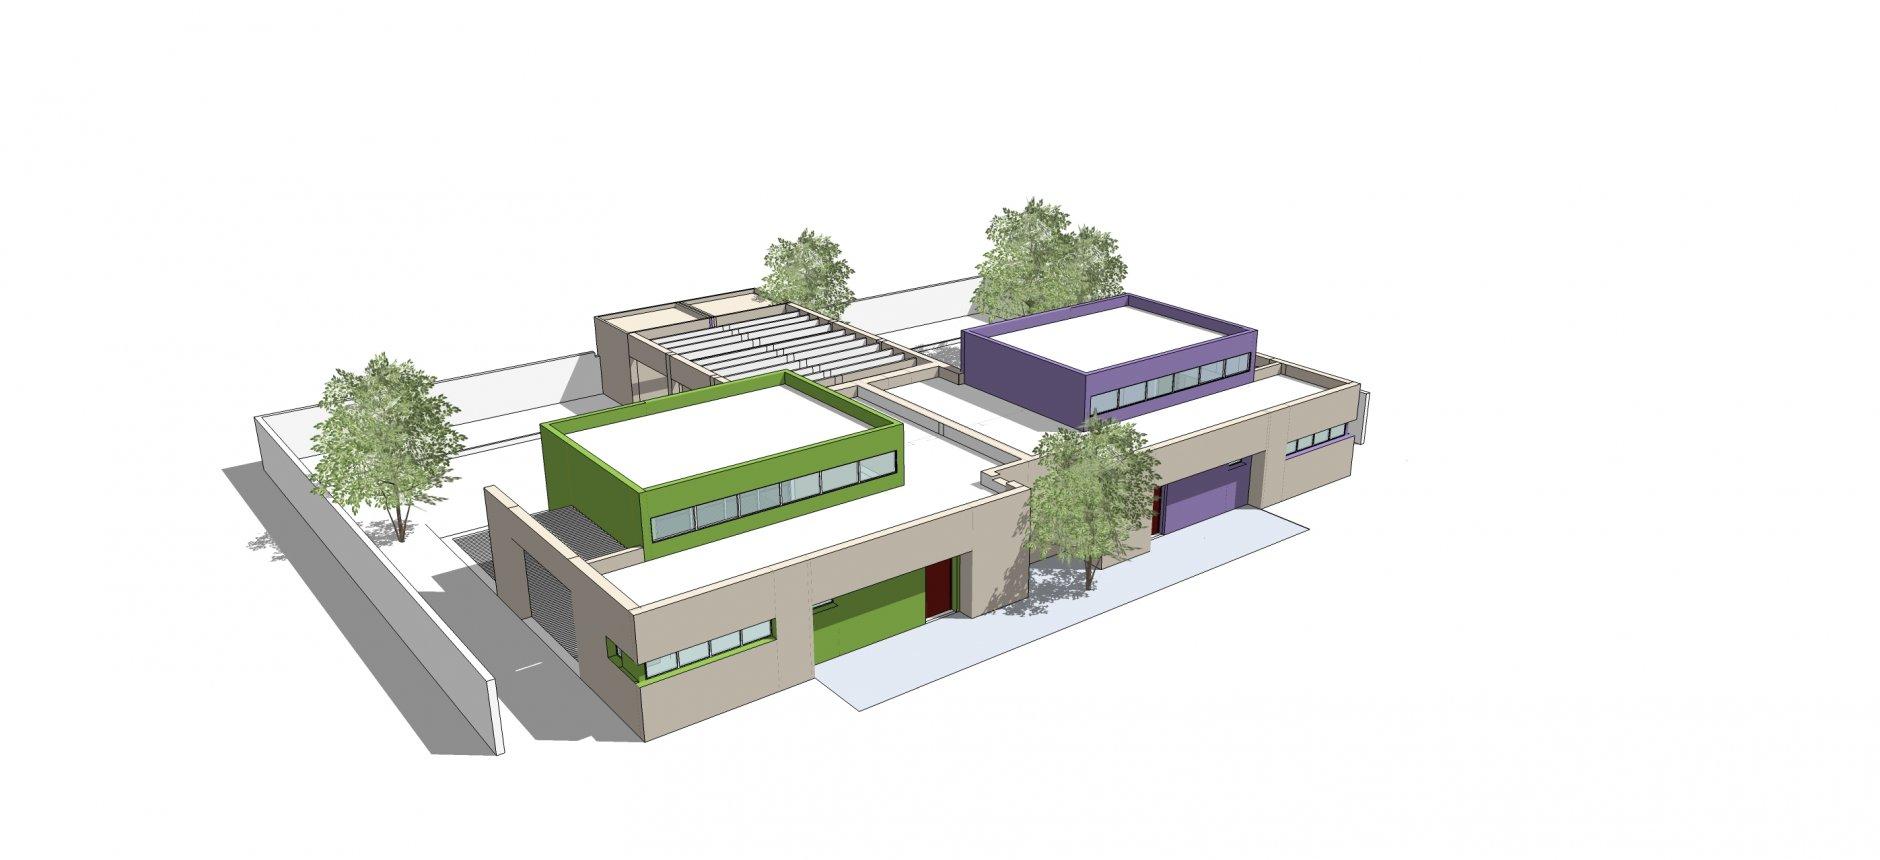 מודל לתכנון גן ילדים בגבעתיים